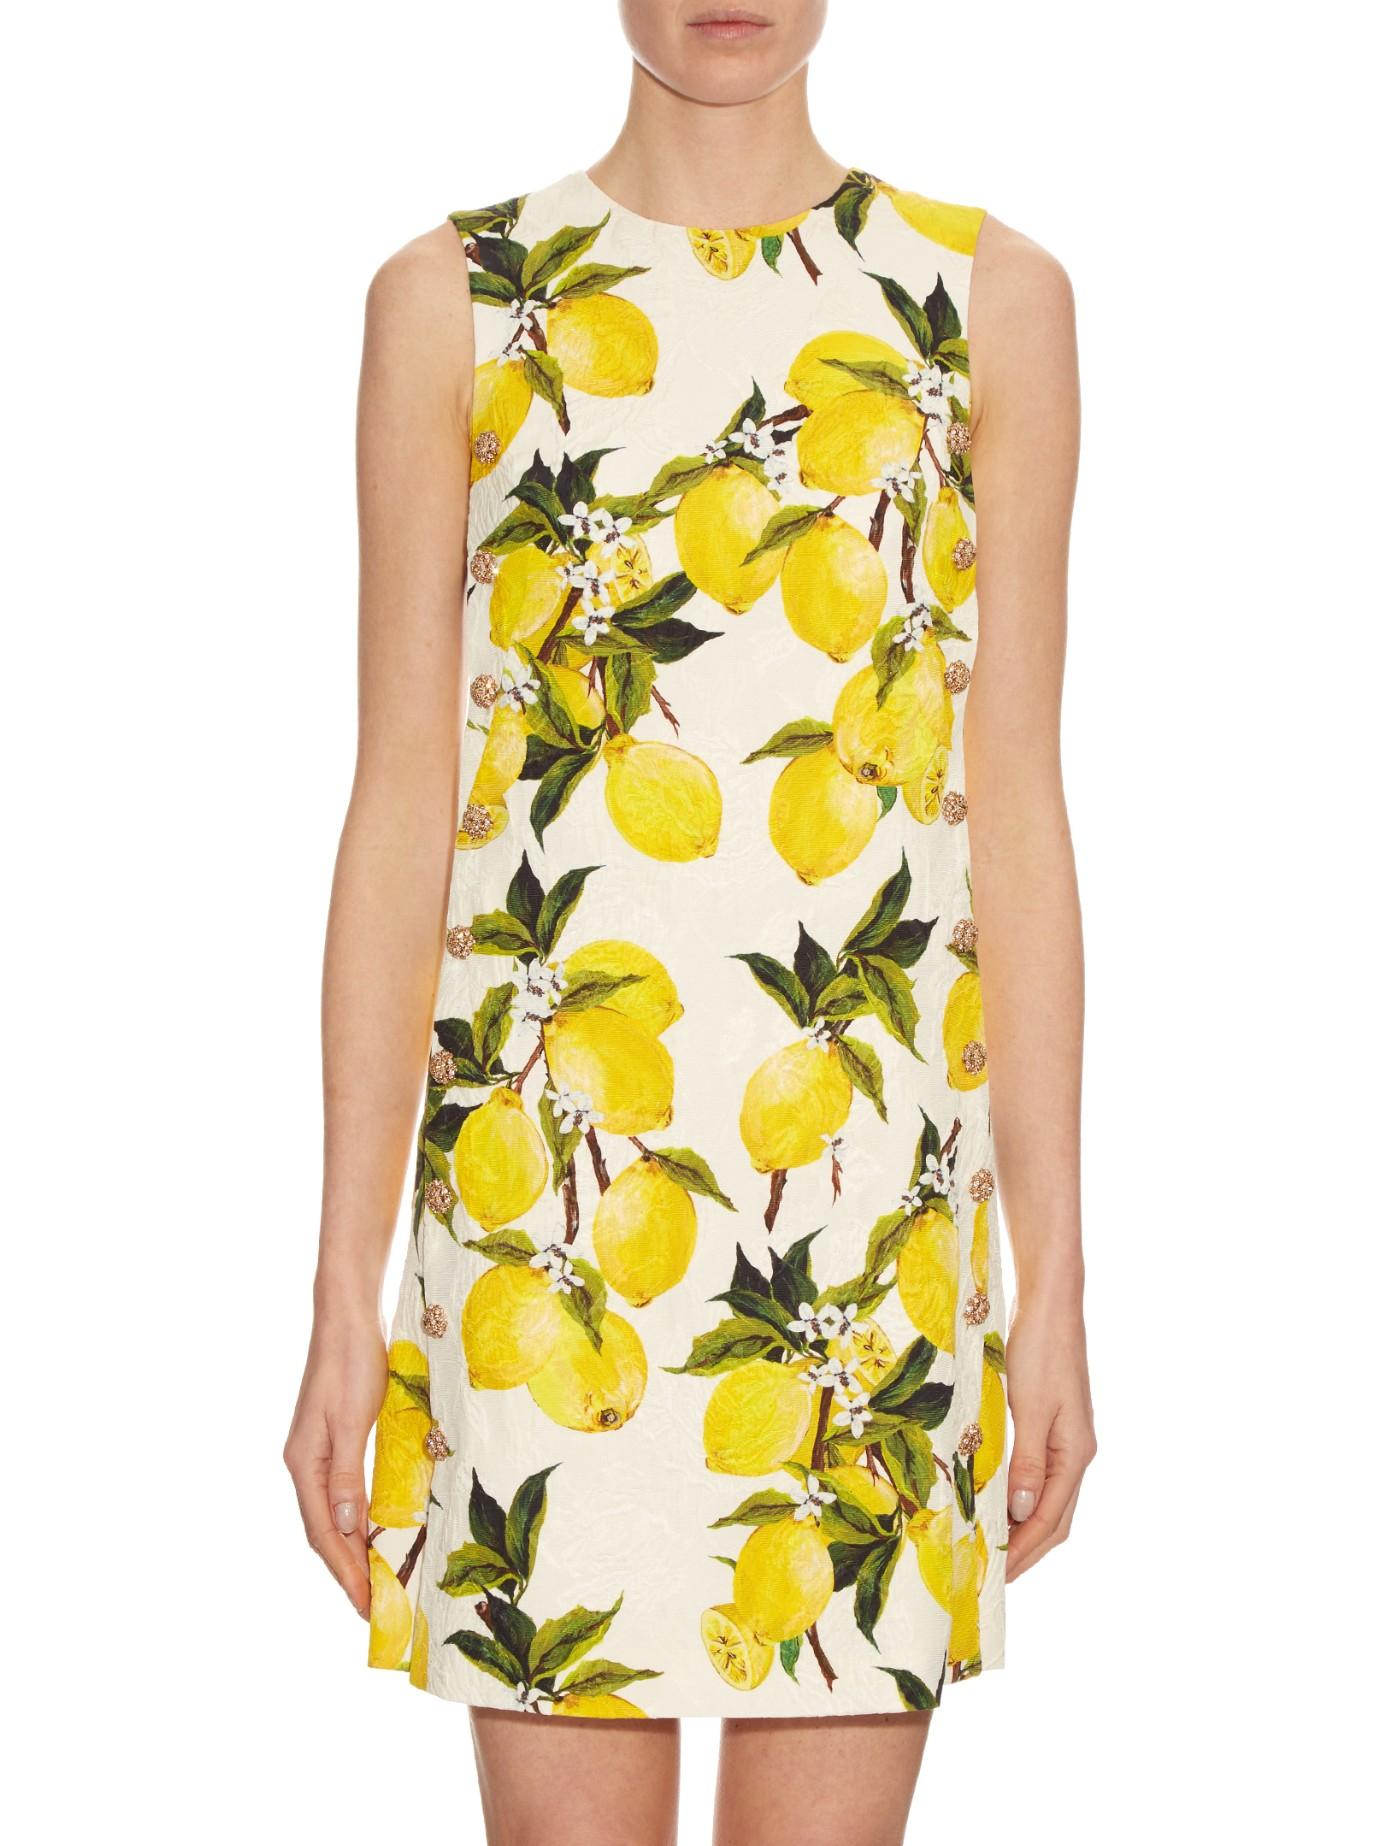 dc734f7239b Dolce   Gabbana Lemon-print Floral-brocade Embellished Dress in ...